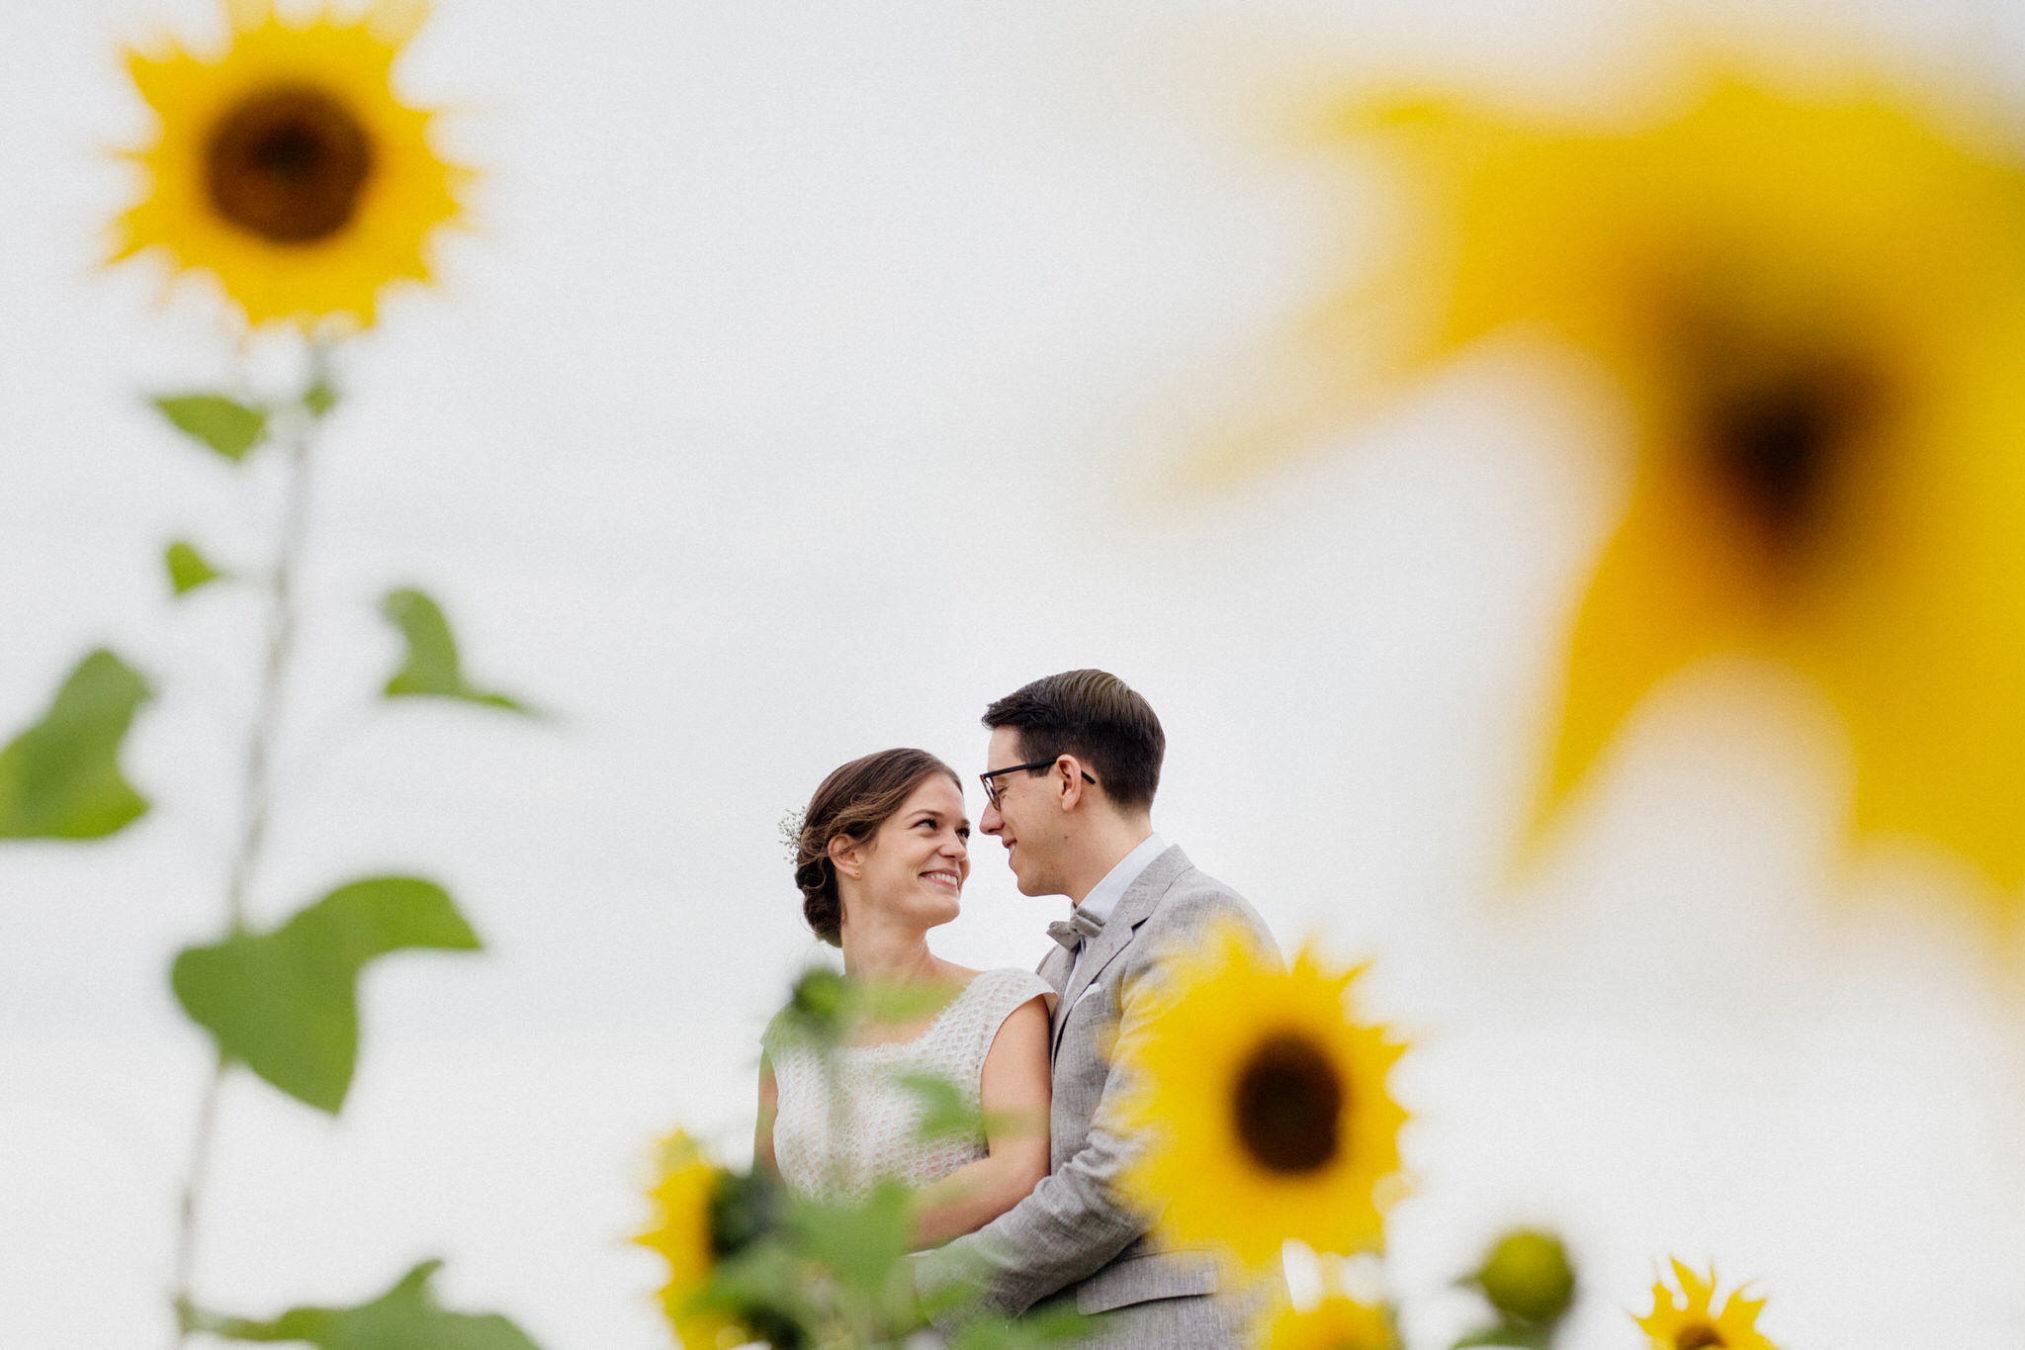 casamento com girassol